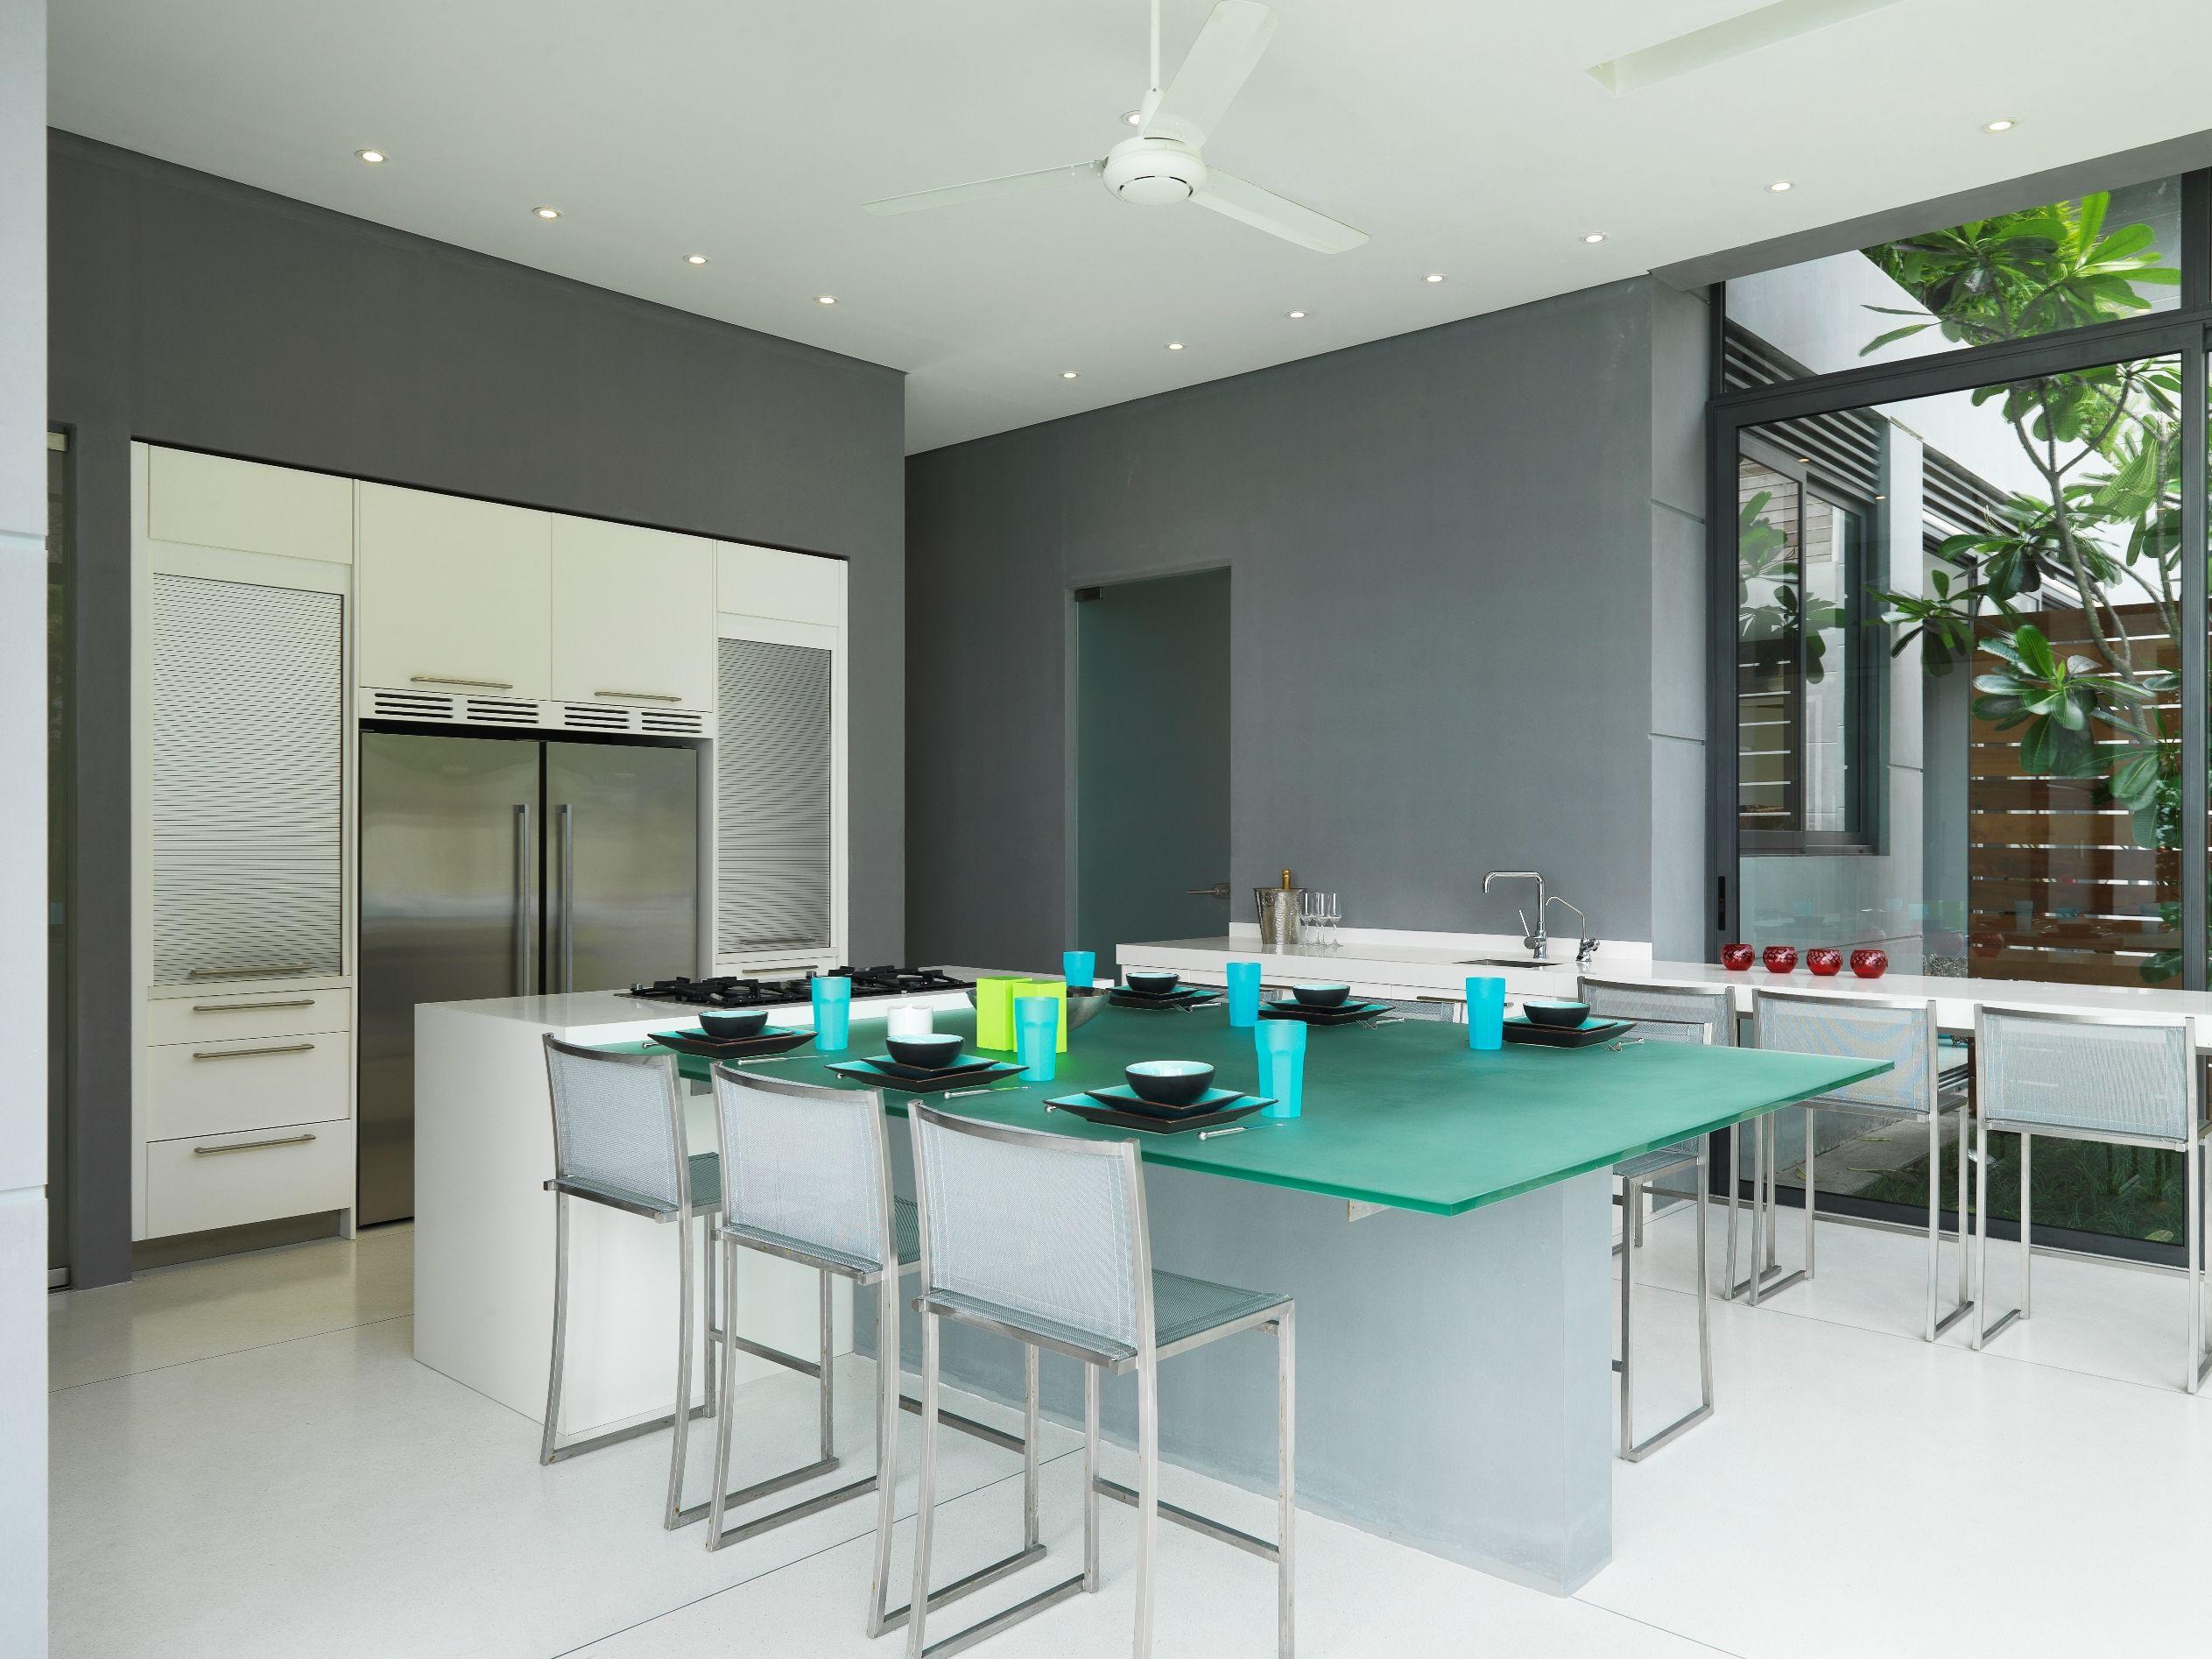 Dinning room in the villa | Paresa | Pinterest | Villas